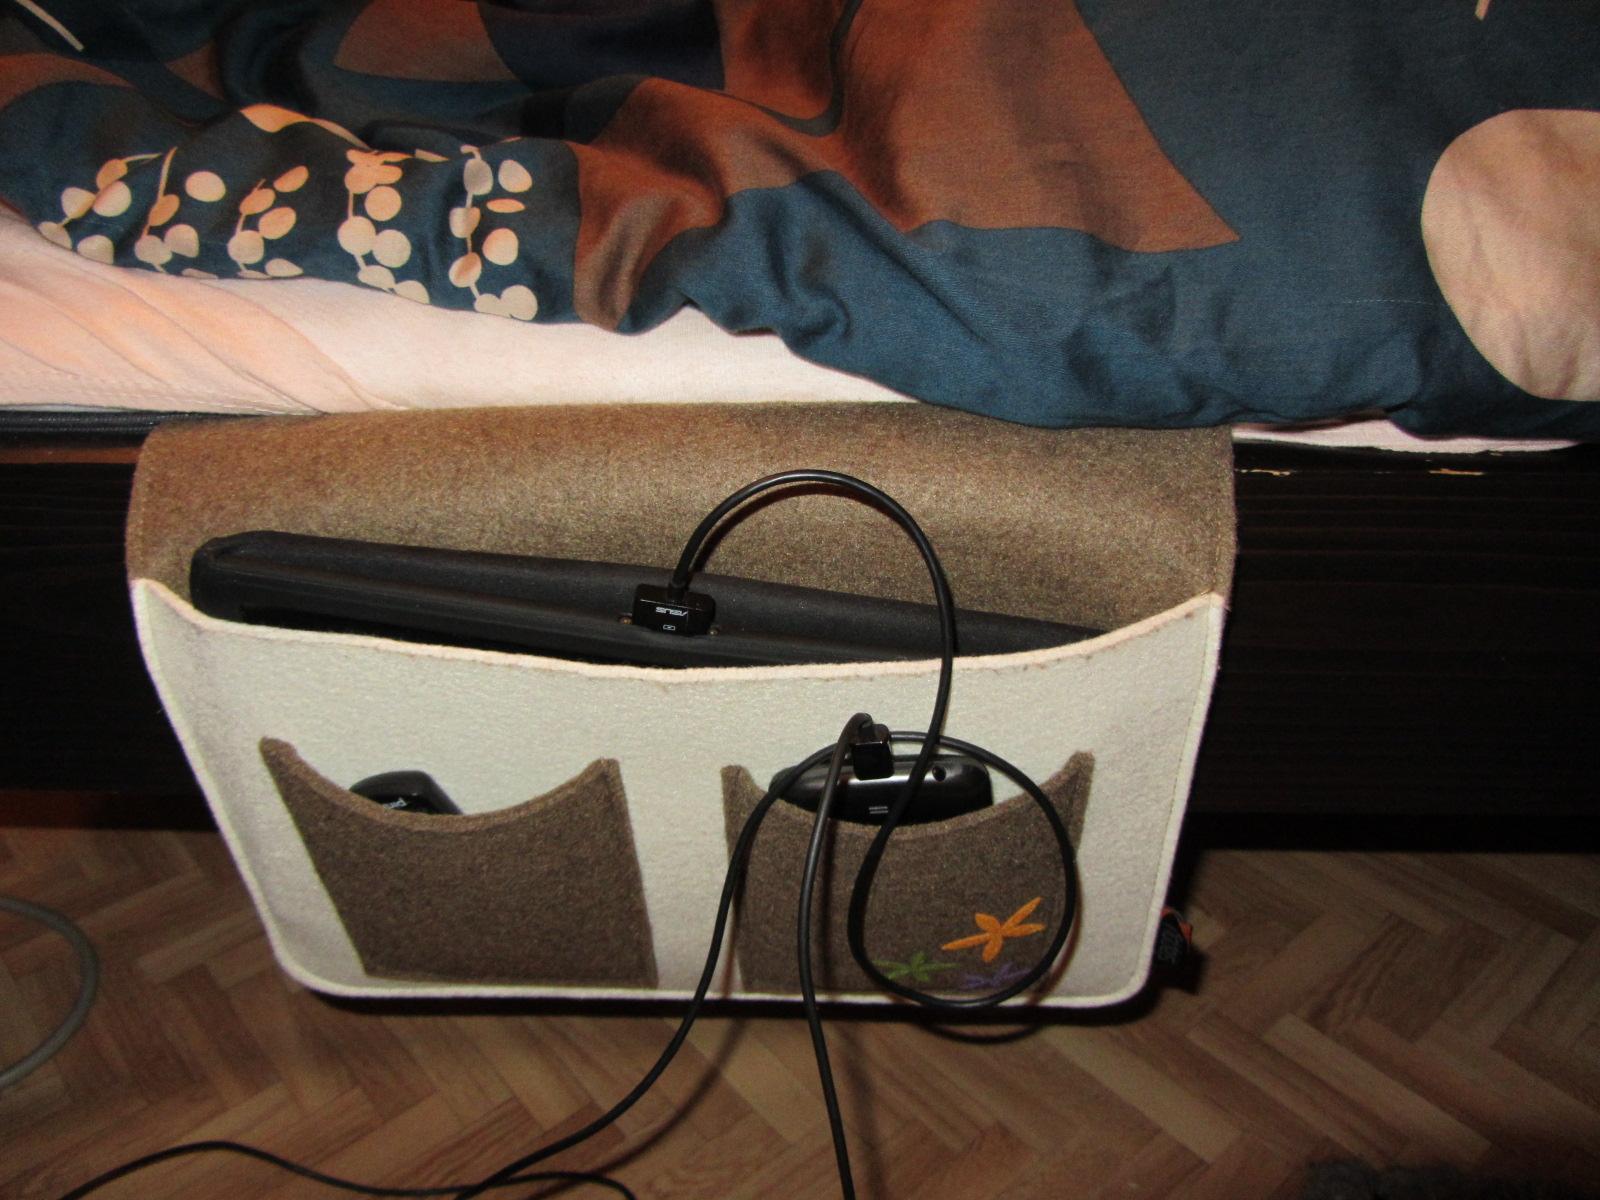 Mein Bett-Buttler